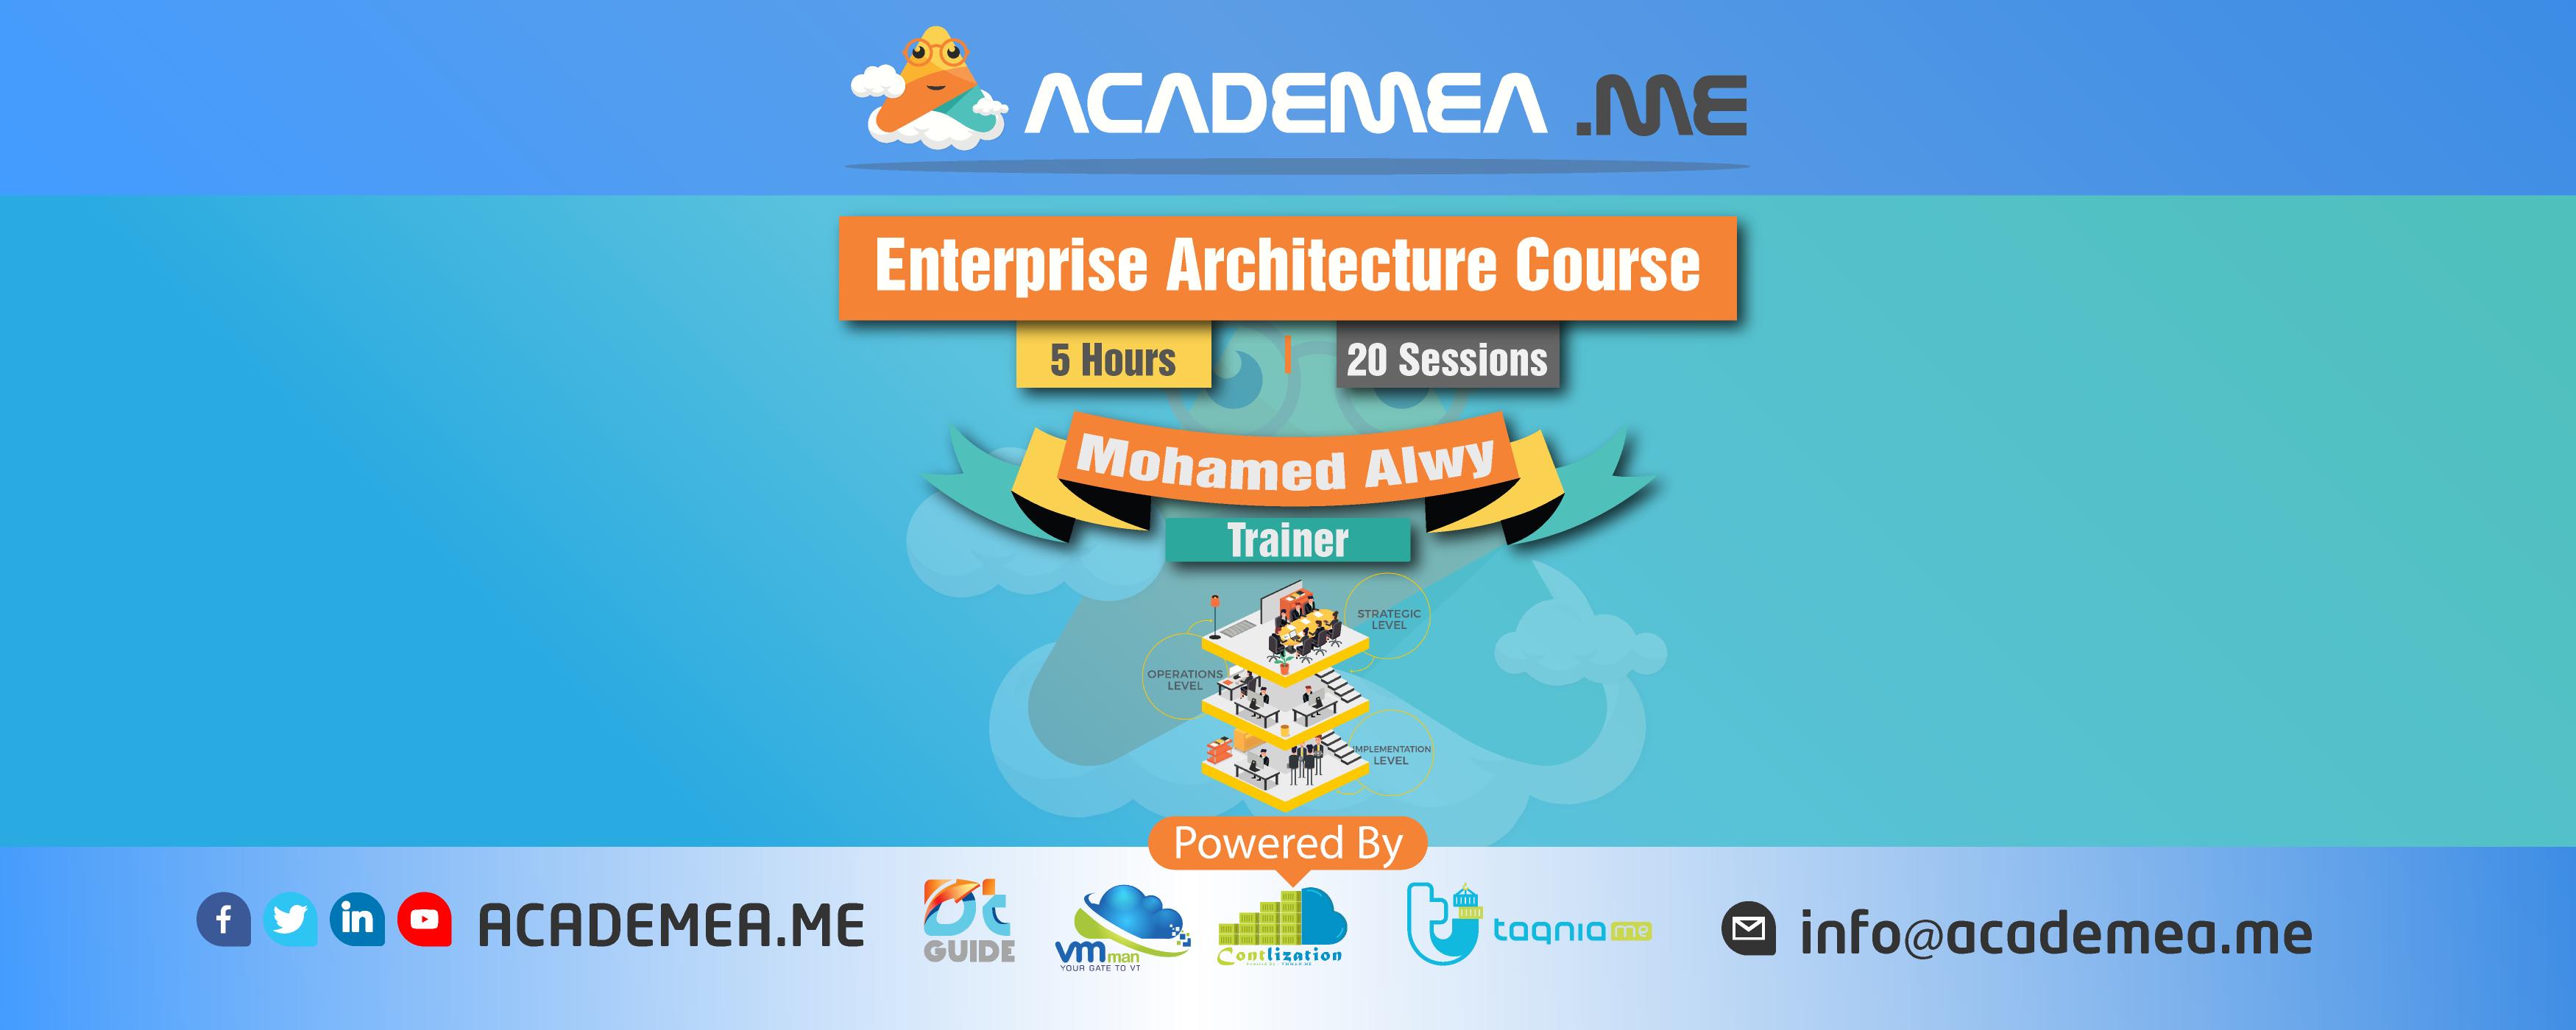 Enterprise Architecture Course